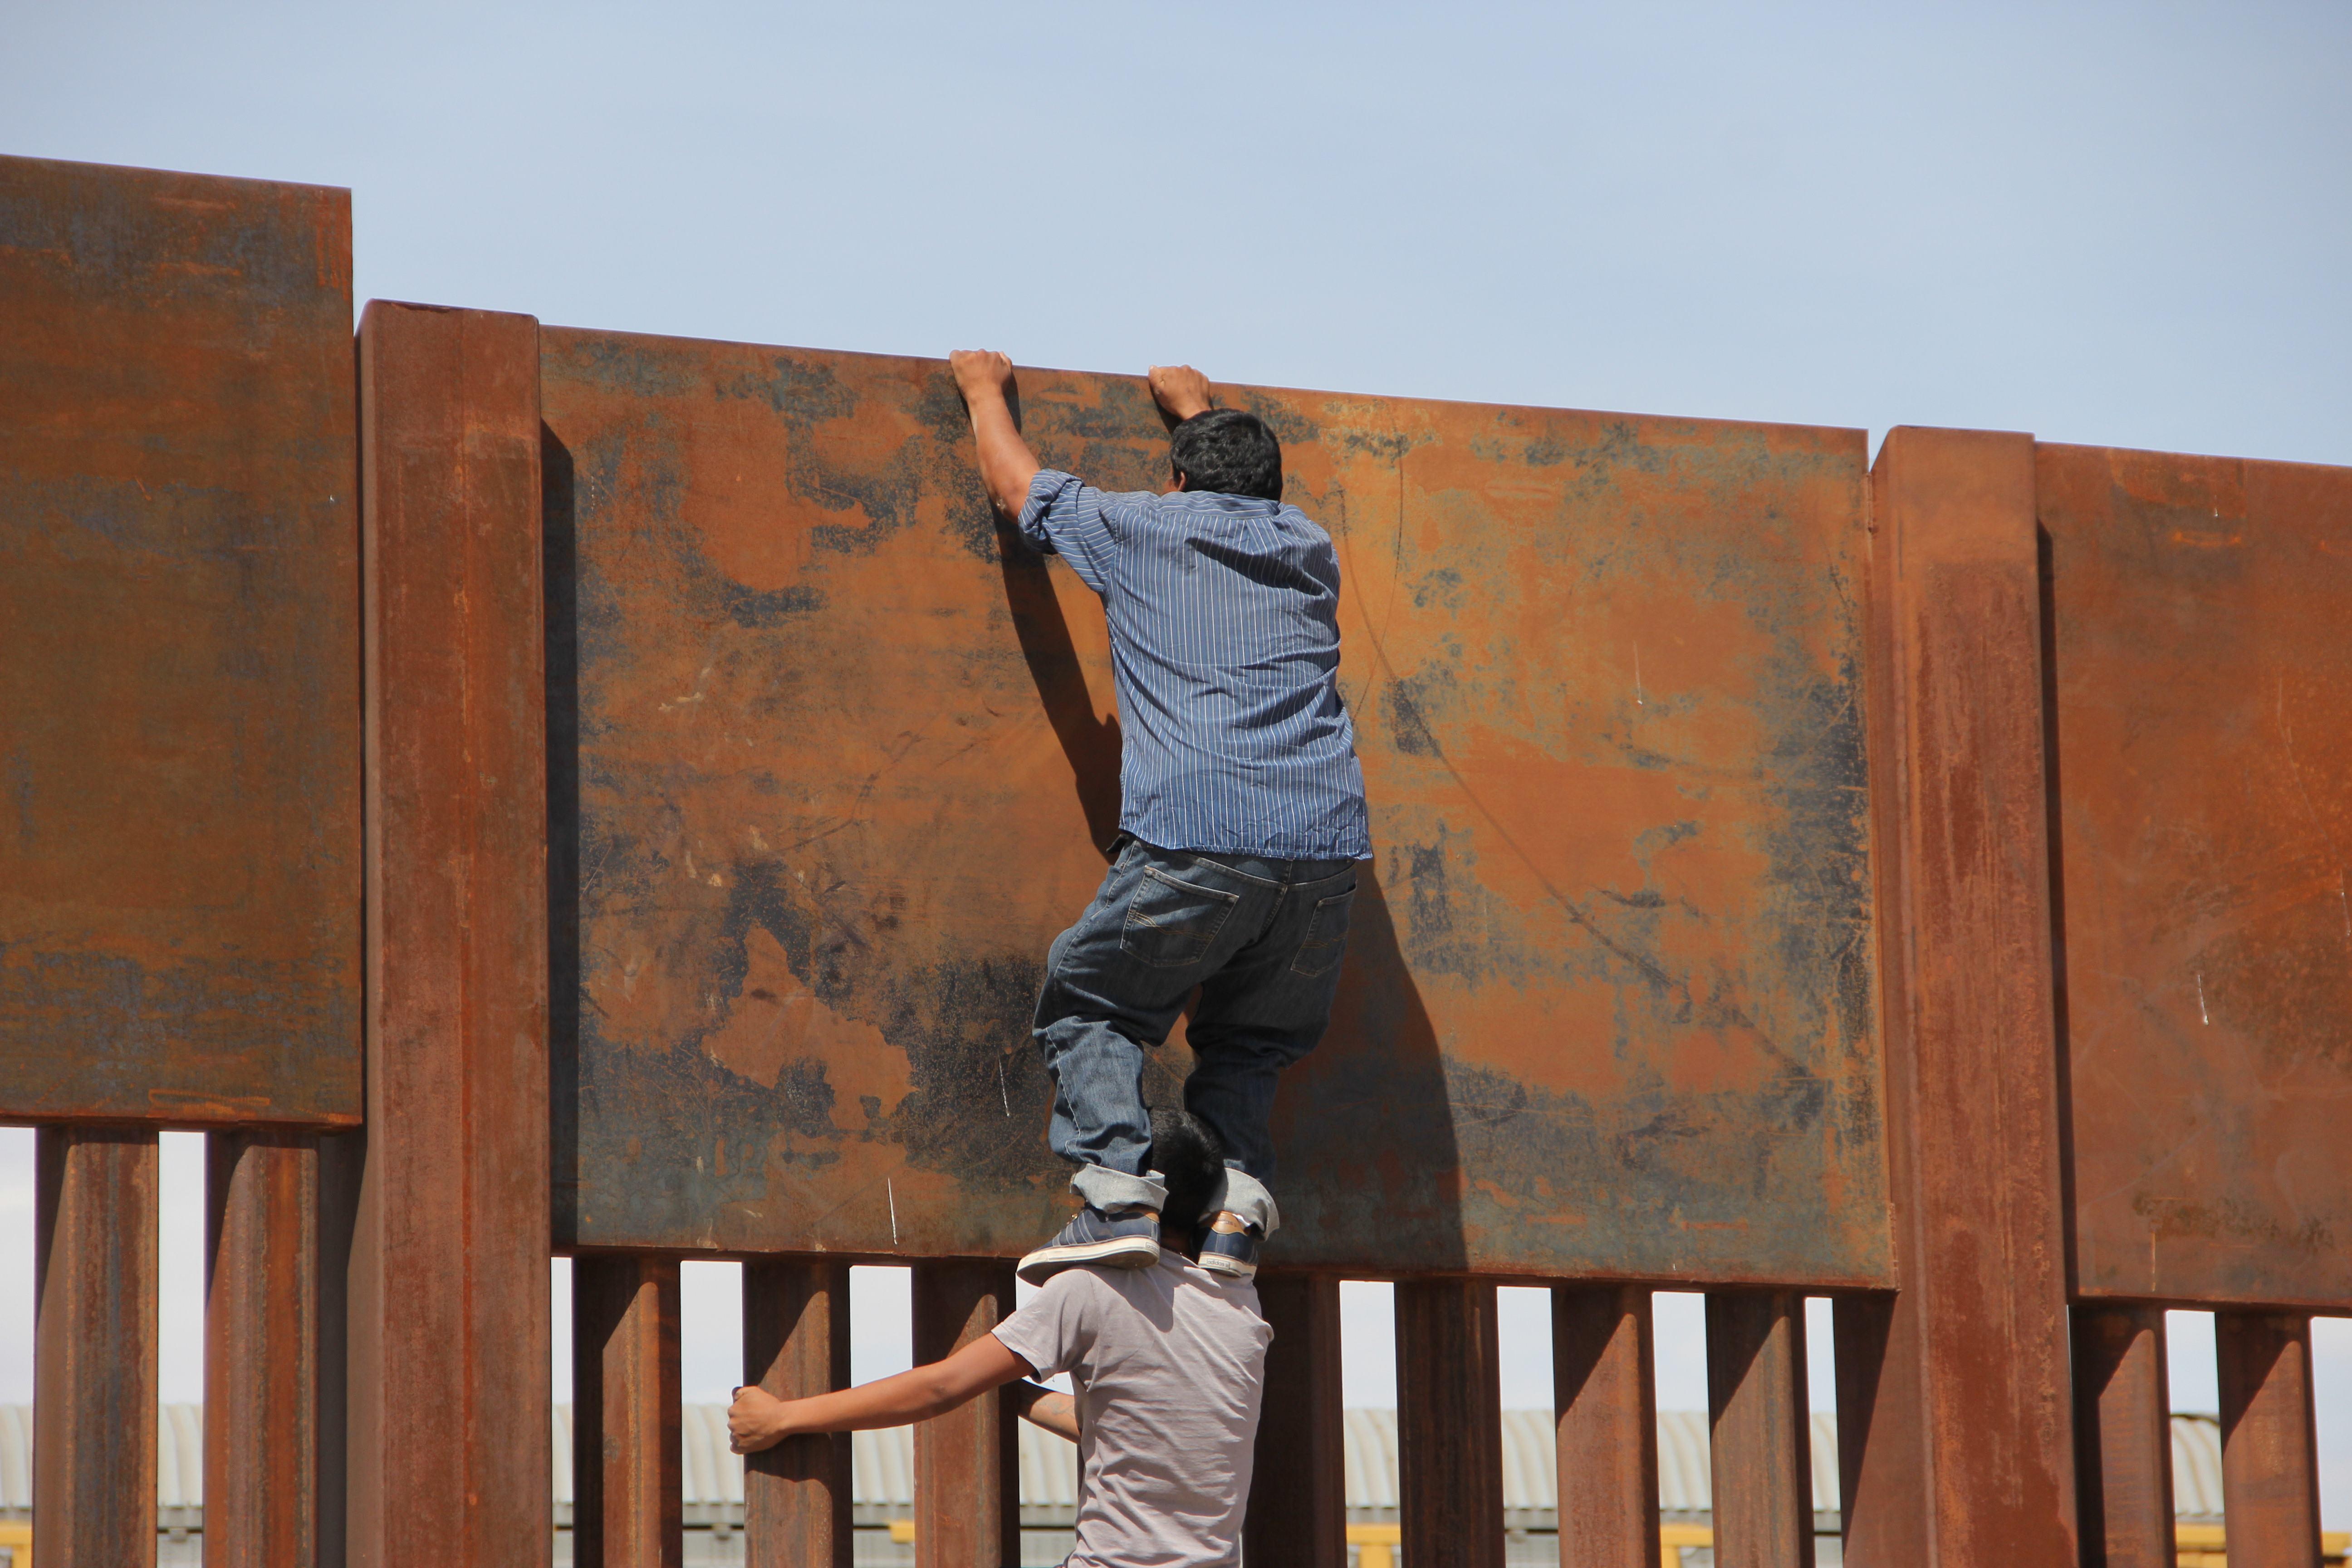 عمليات عبور المهاجرين من المكسيك إلى الولايات المتحدة الامريكية